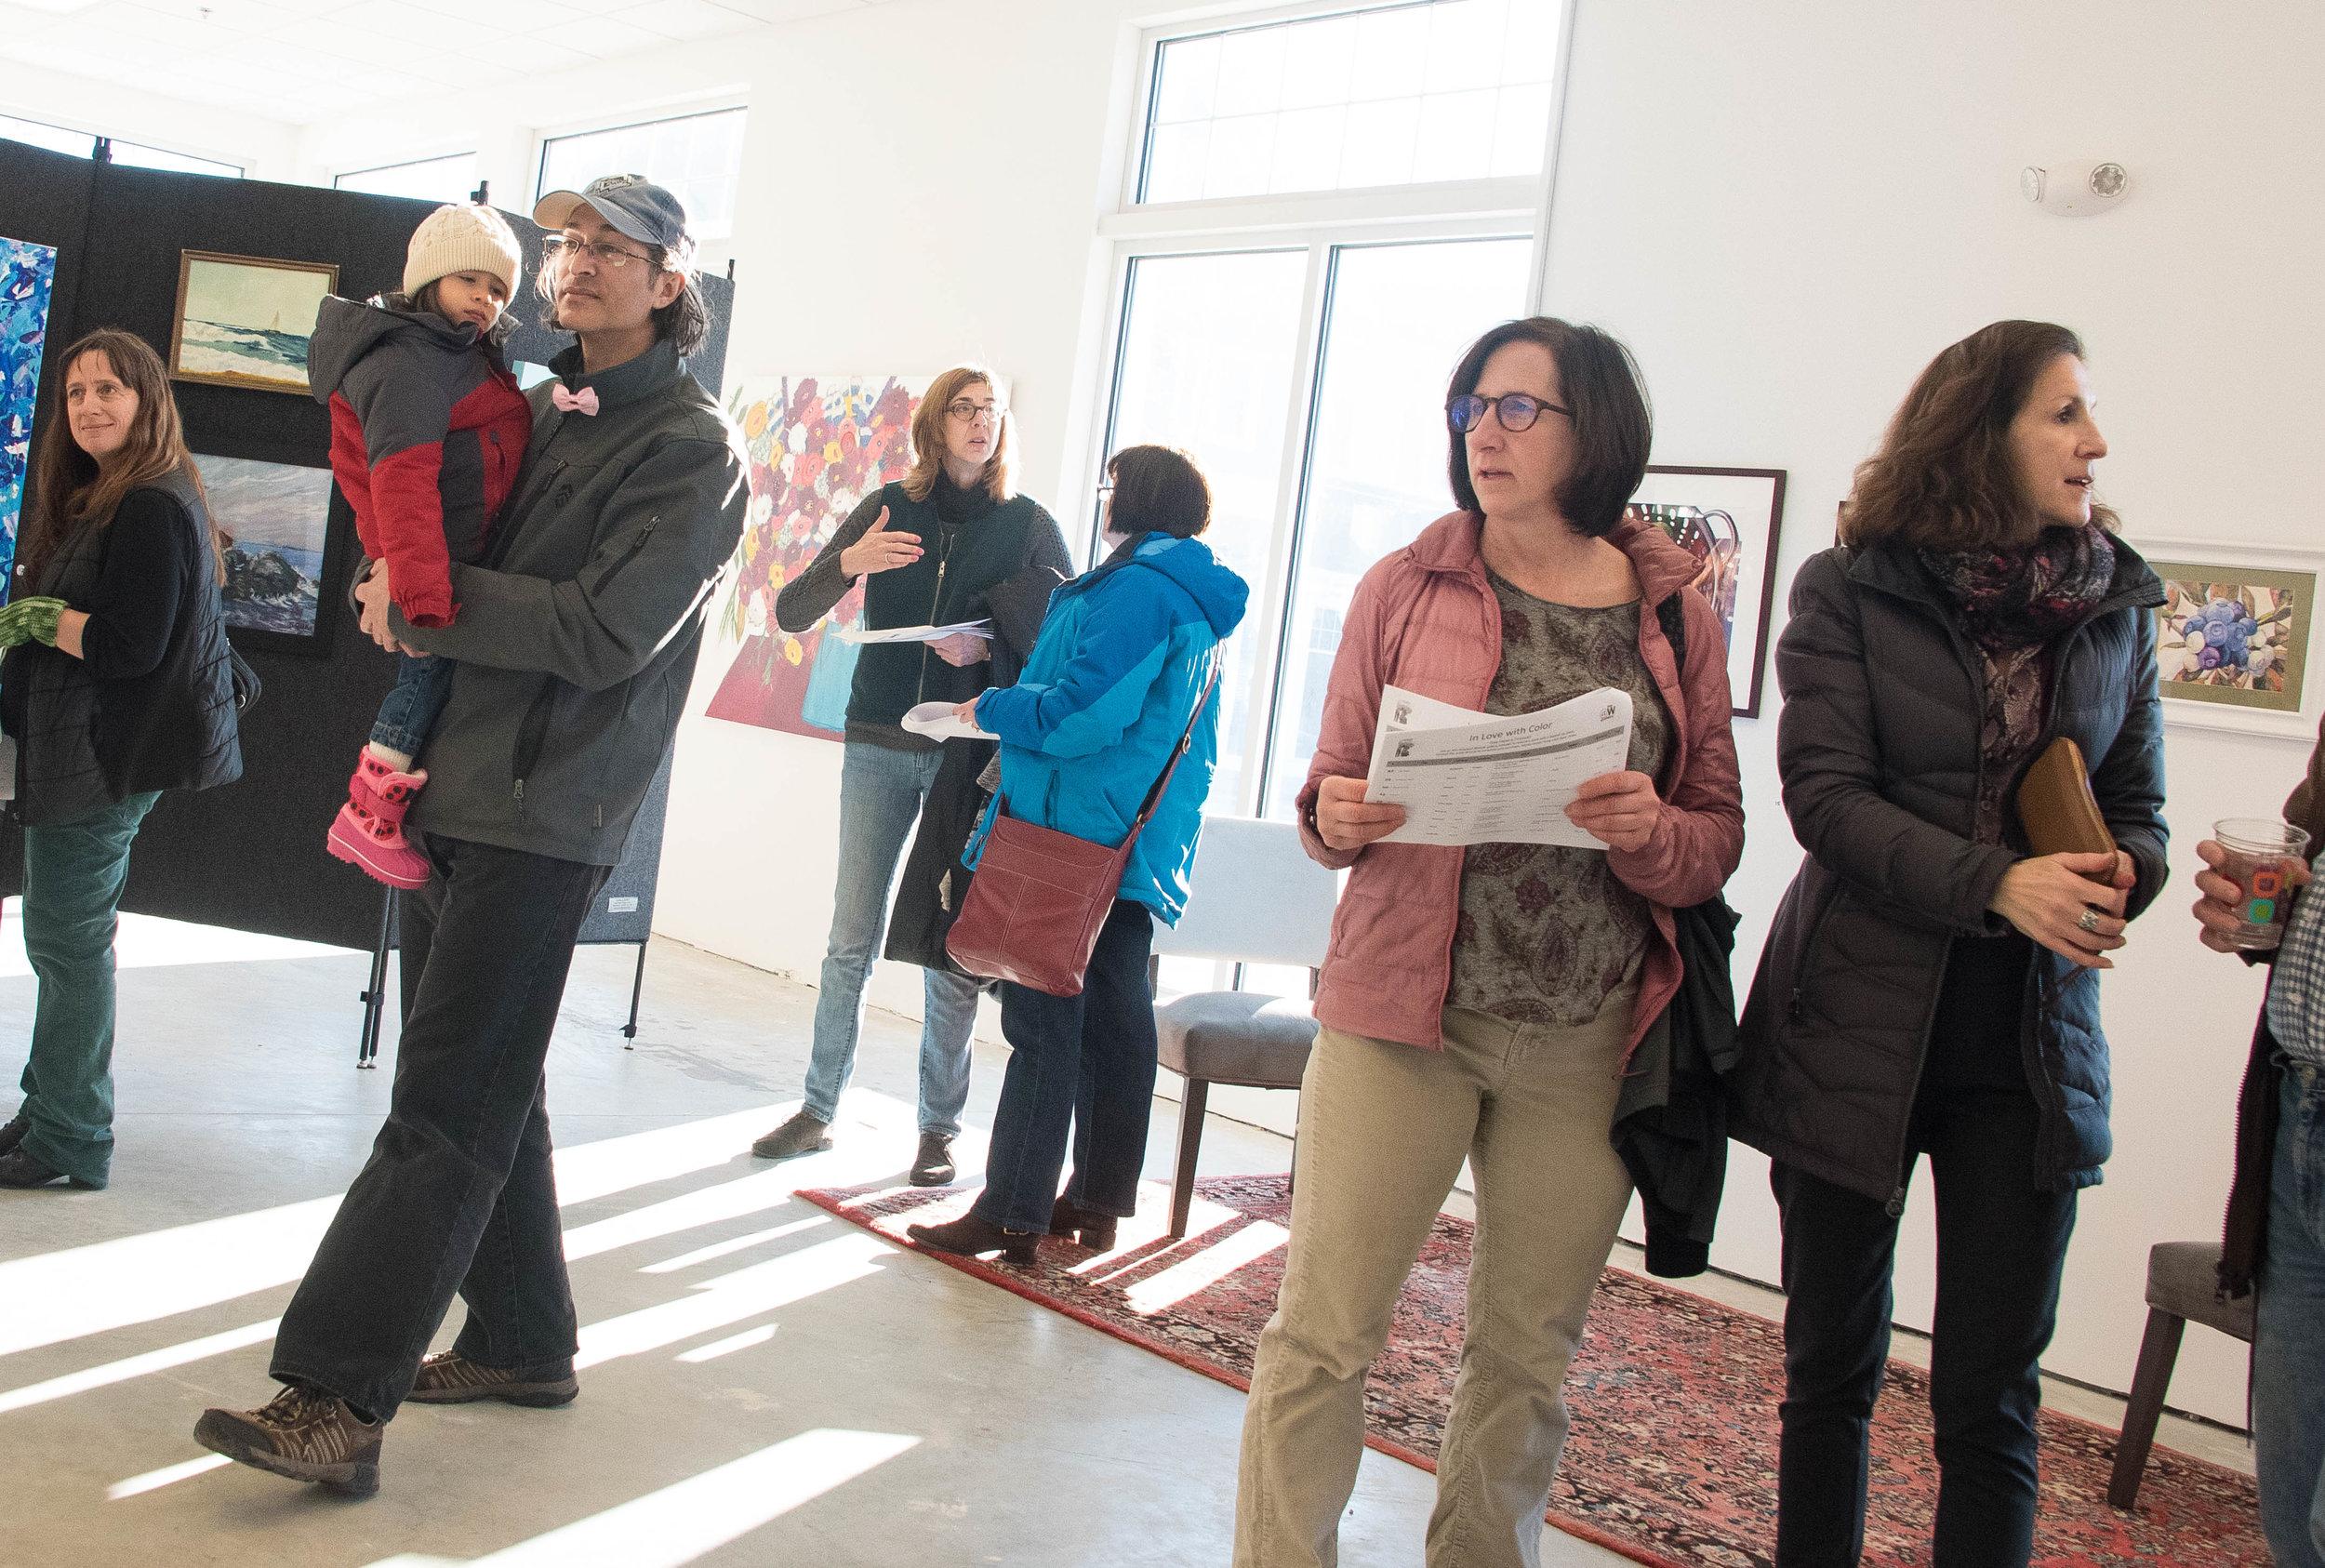 20190209 artswayland gallery-217.jpg